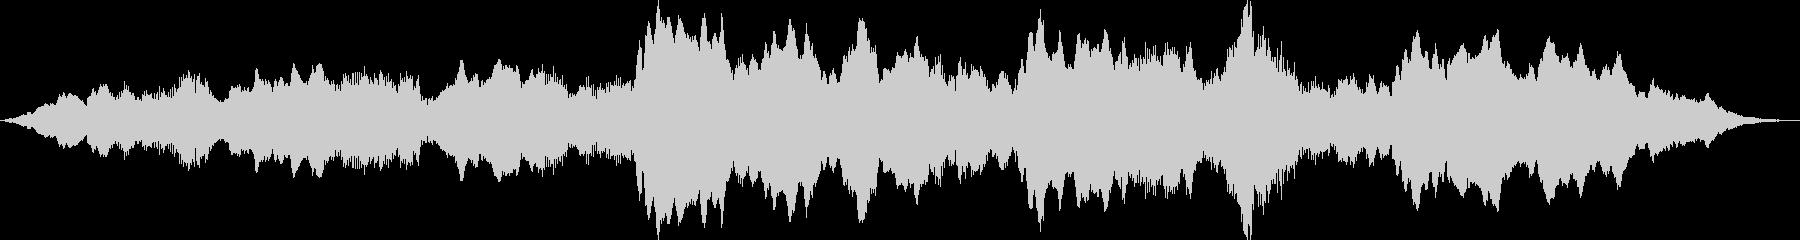 シンセサイザーによる荘厳な曲の未再生の波形